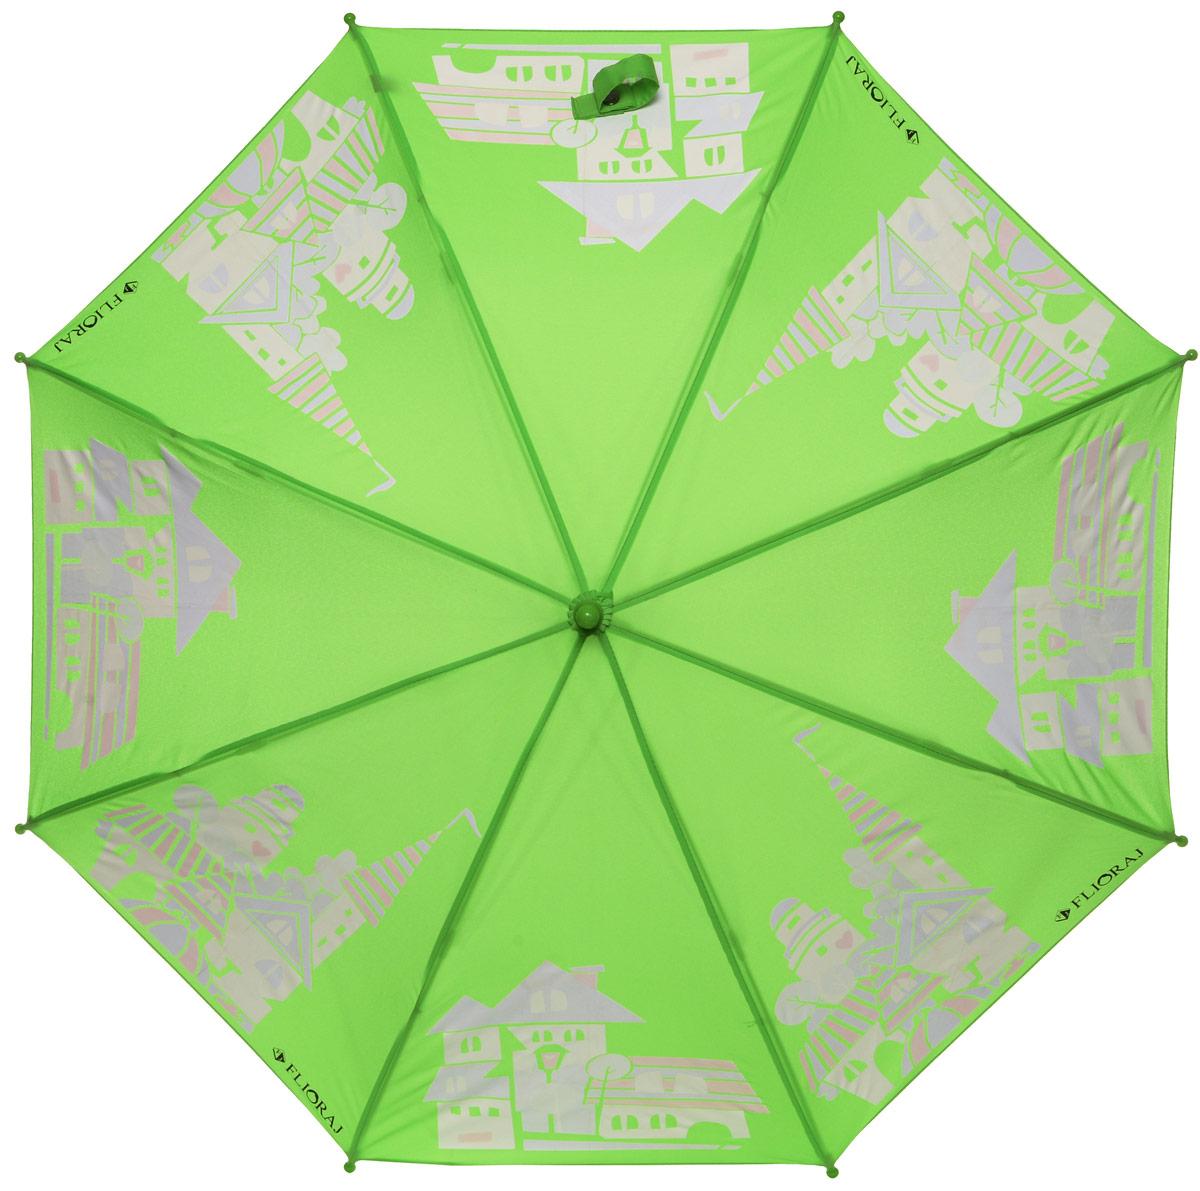 Зонт-трость детский Flioraj, механика, цвет: зеленый. 051206REM12-CAM-REDBLACKОригинальный и практичный детский зонт-трость Flioraj будет отличным подарком для вашего ребенка.Зонт состоит из восьми спиц и стержня выполненных из прочного, но легкого фибергласса. Купол выполнен из качественного полиэстера, который не пропускает воду и оформлен красочным рисунком. Зонт дополненудобной пластиковой ручкой в виде крючка.Изделие имеет механический способ сложения: и купол, и стержень открываются и закрываются вручную до характерного щелчка. Зонт закрывается хлястиком на кнопку.Зонт дополнен свистком. Такой интересный дизайн понравится любой девочке.